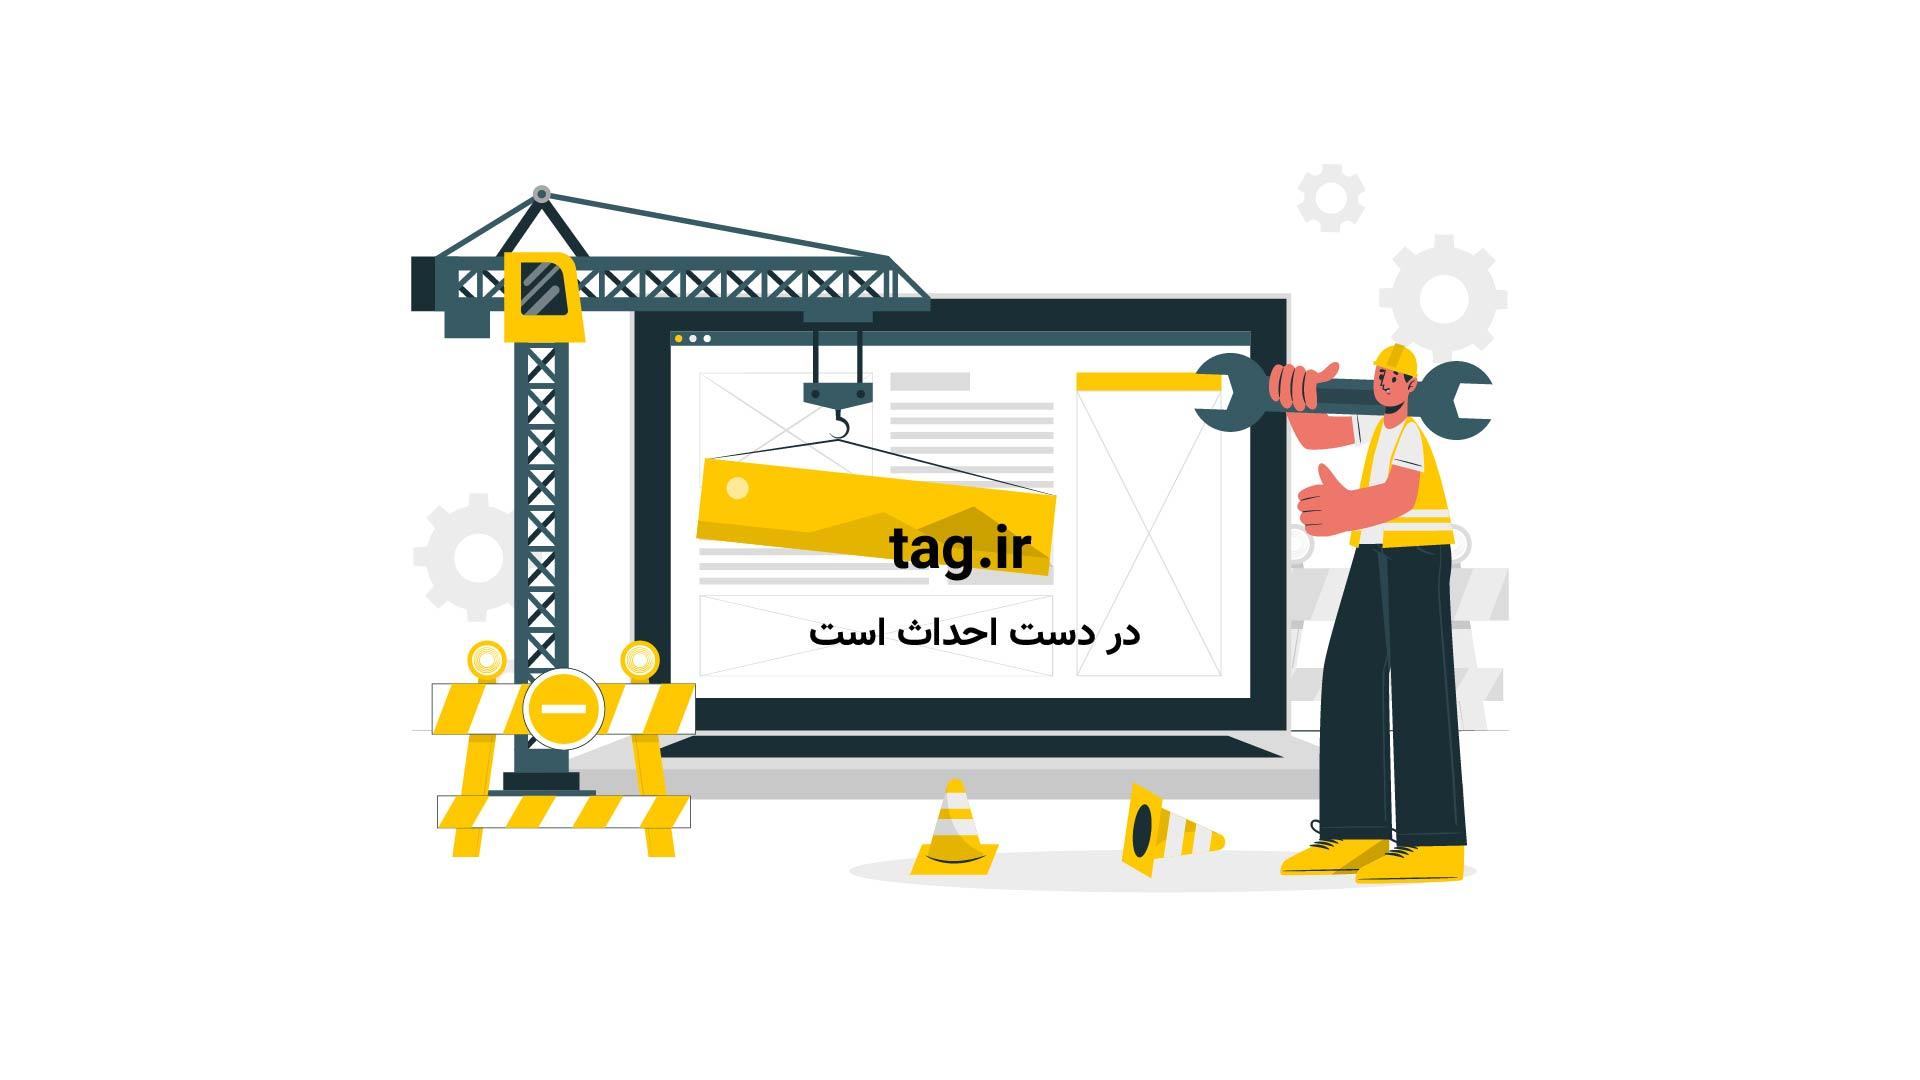 عناوین روزنامه های صبح پنجشنبه ۴ خرداد | فیلم